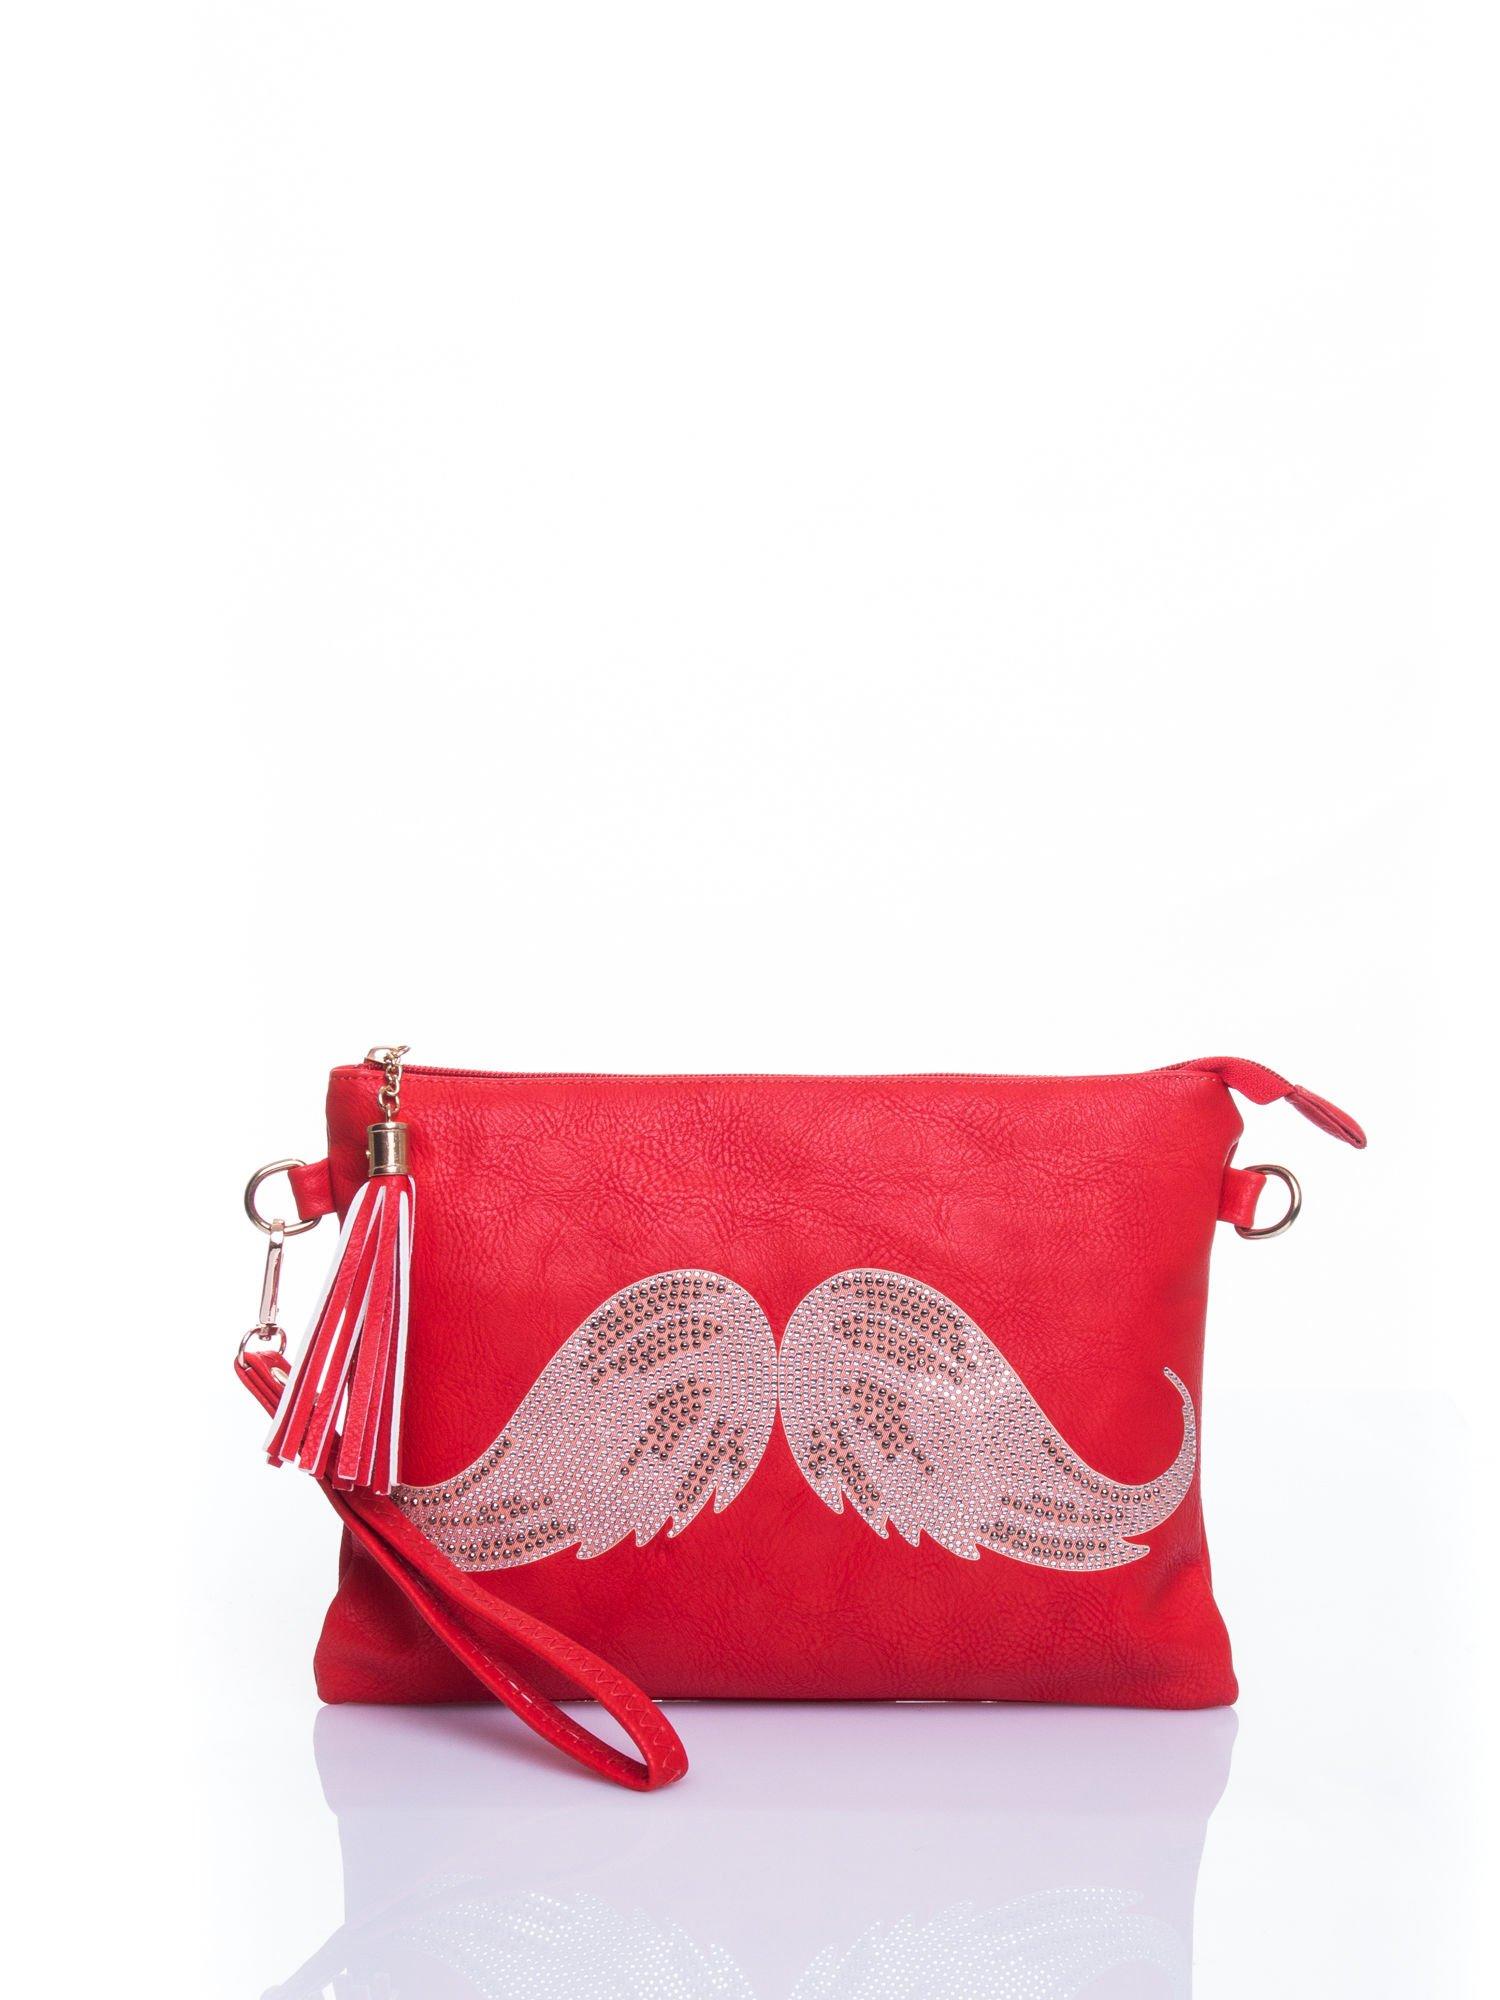 Czerwona kopertówka z dżetami motyw wąsów                                  zdj.                                  1